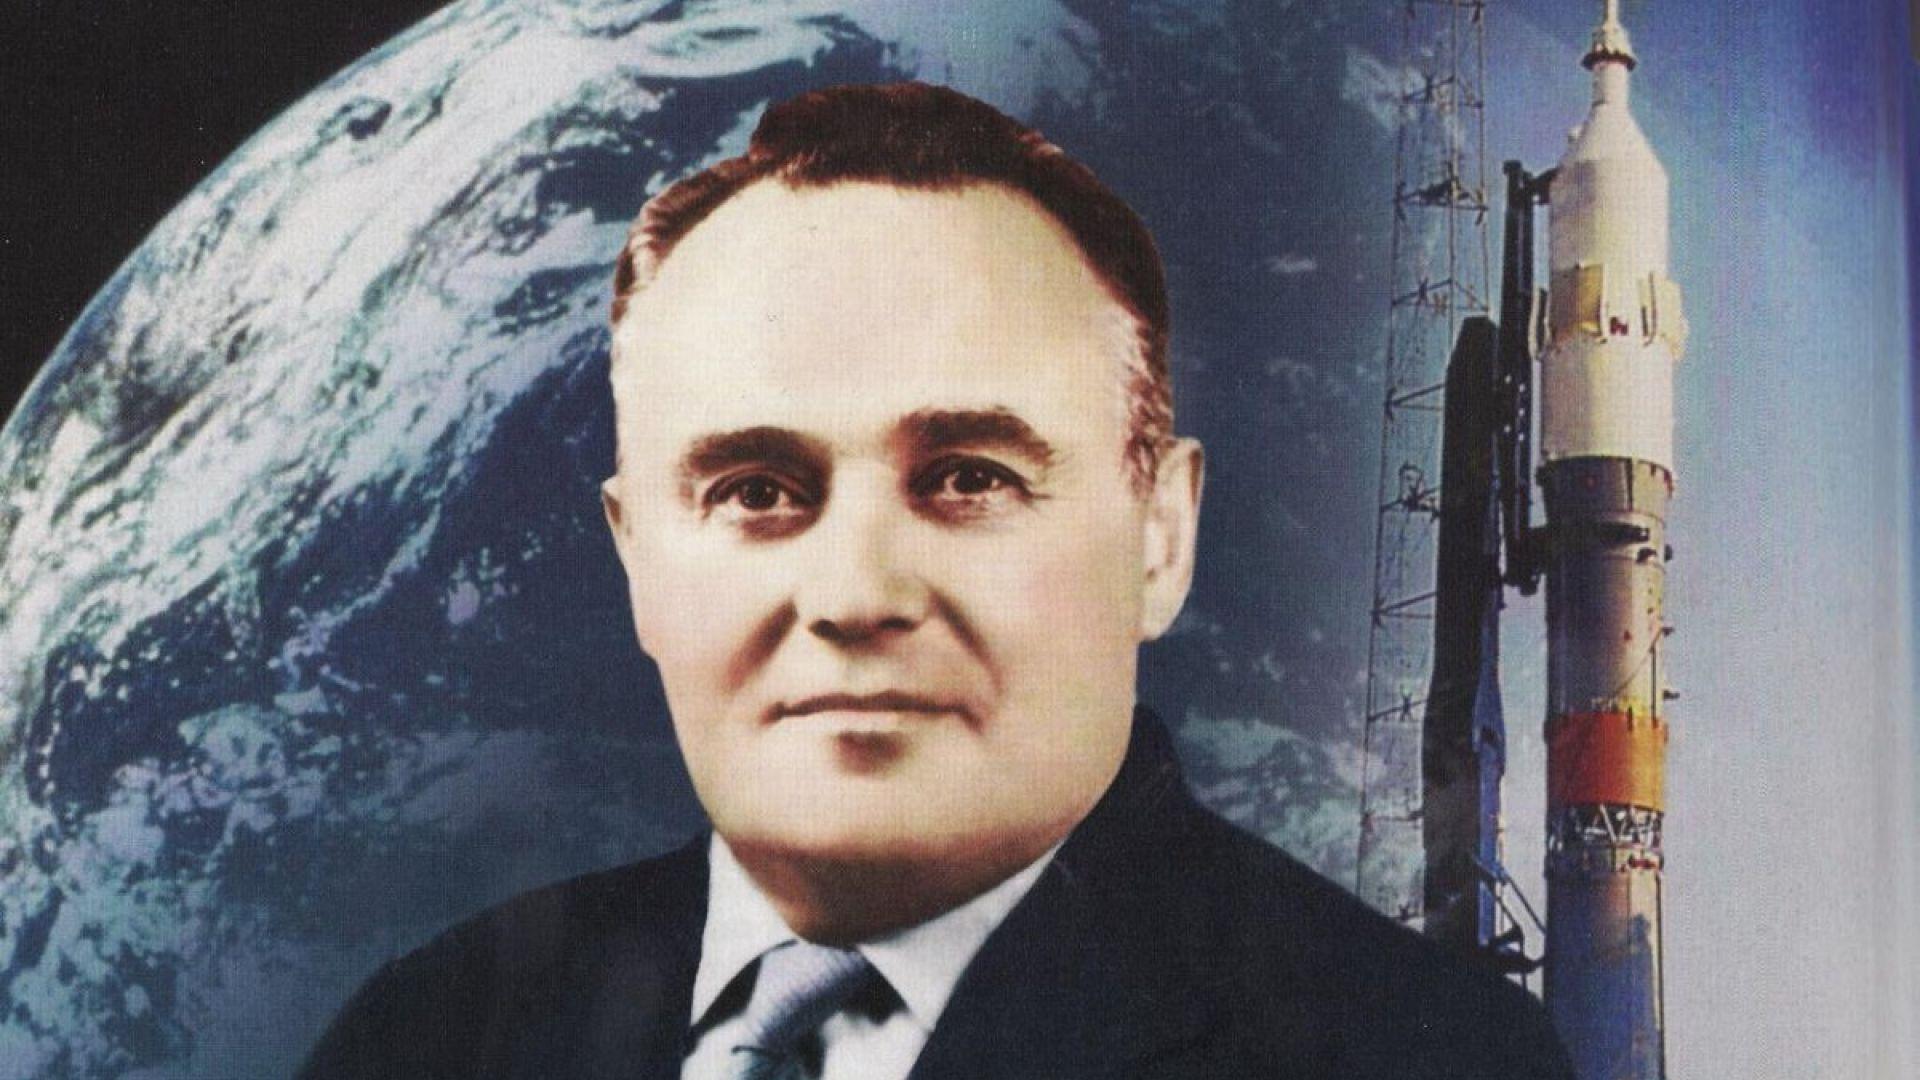 Сергей Корольов е ученият зад успеха на Юрий Гагарин